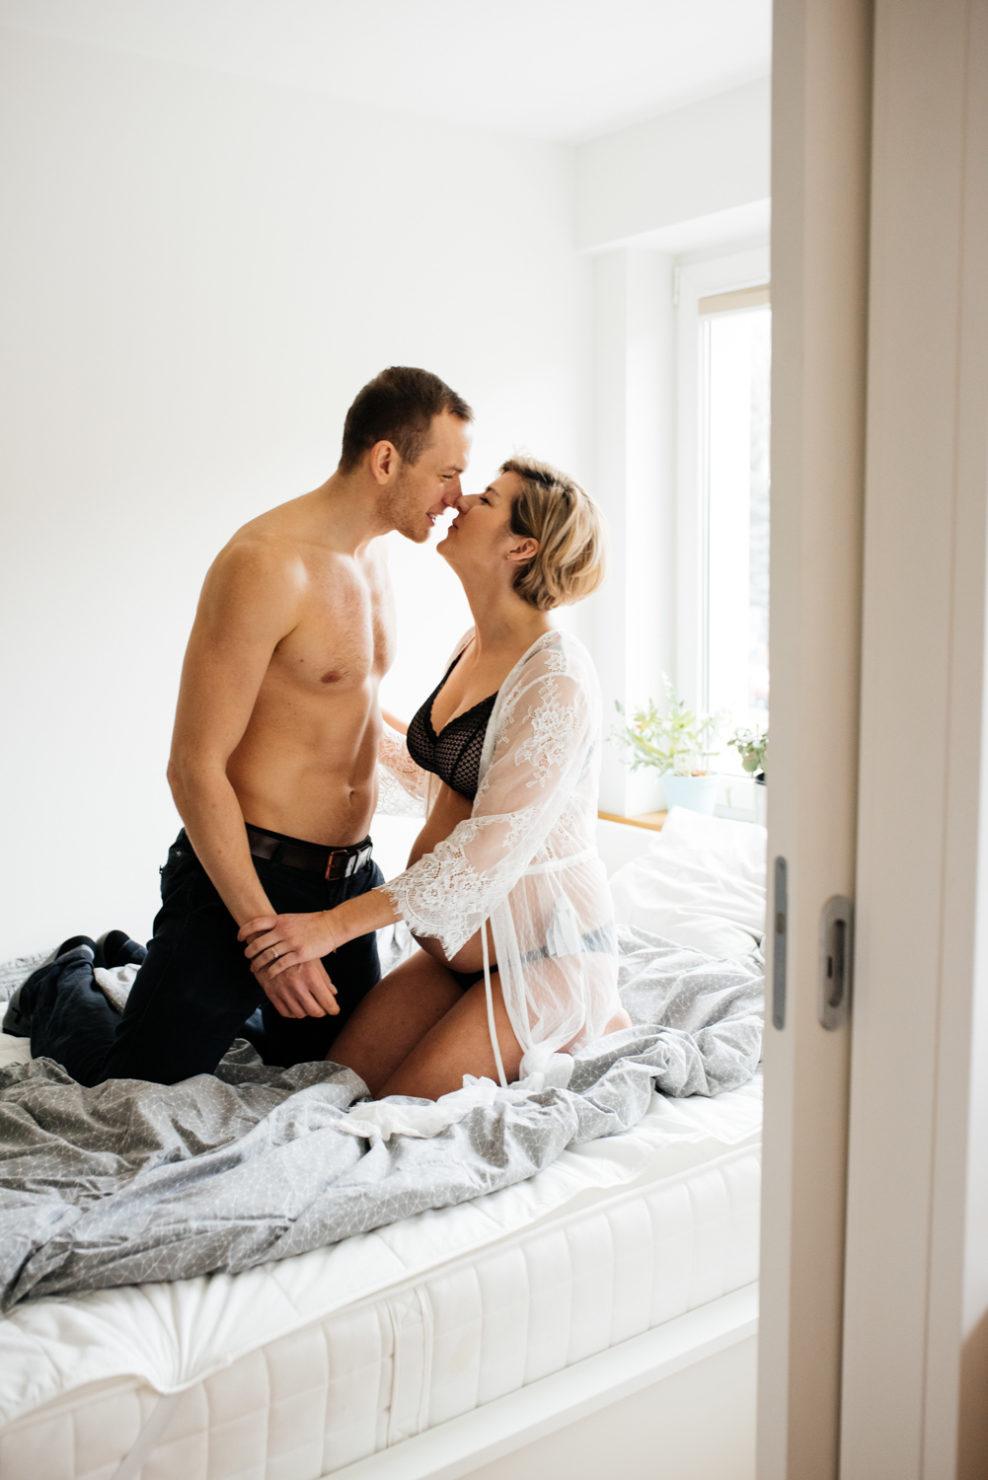 Paulina & Michał - domowa sesja ciążowa w Pruszkowie - domowa sesja ciążowa